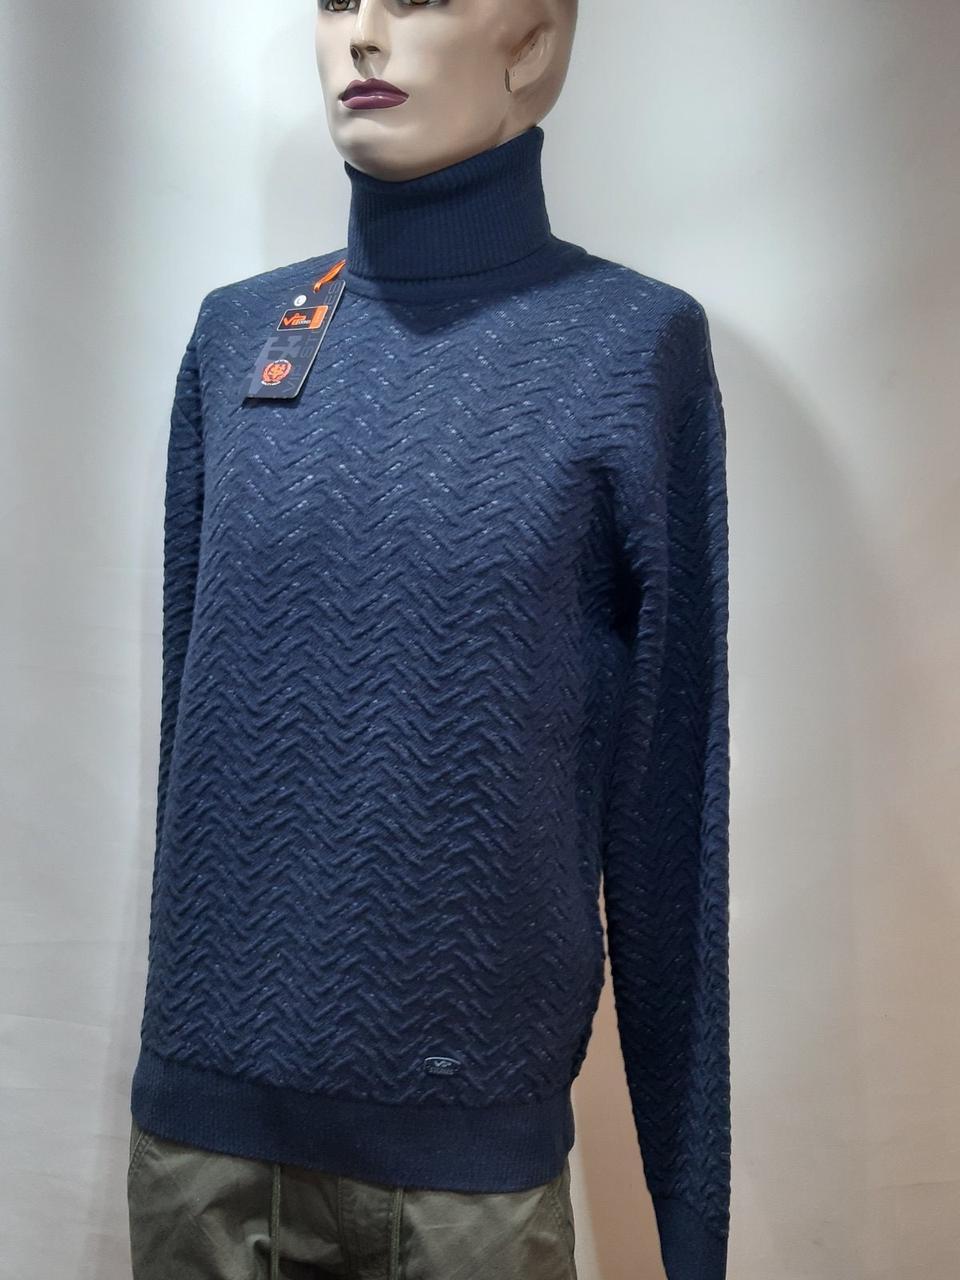 Мужской шерстяной гольф Vip Stones теплая водолазка отличного качества Турция Синий